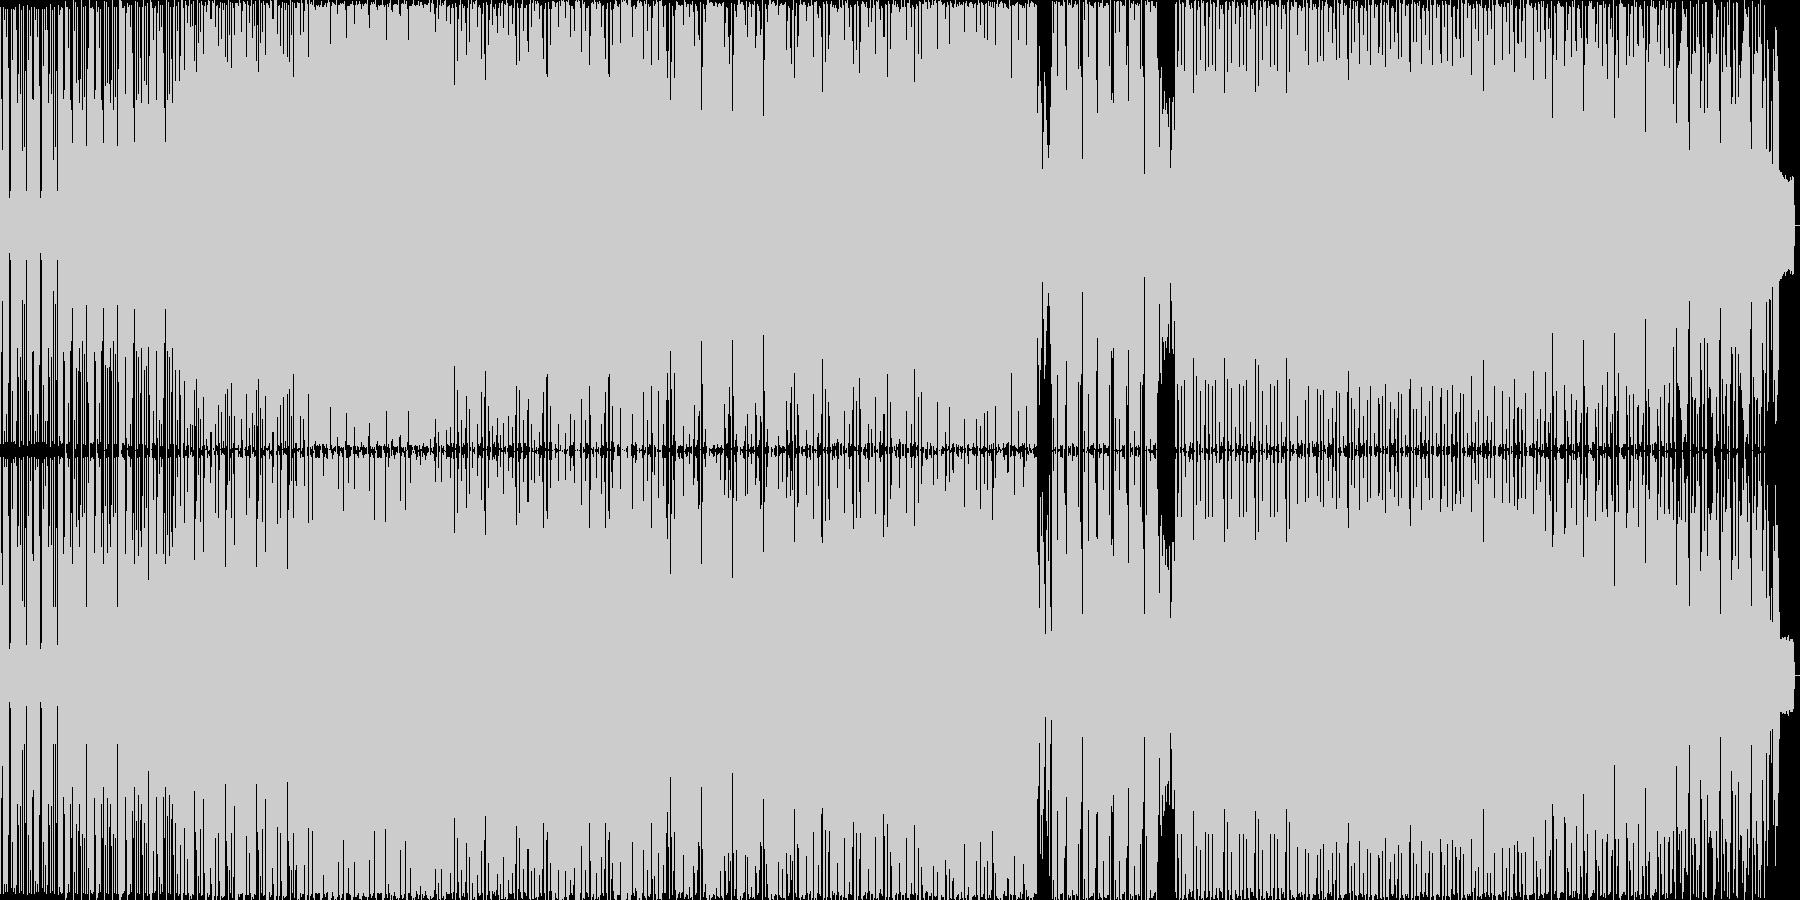 明るいファンク楽曲の未再生の波形